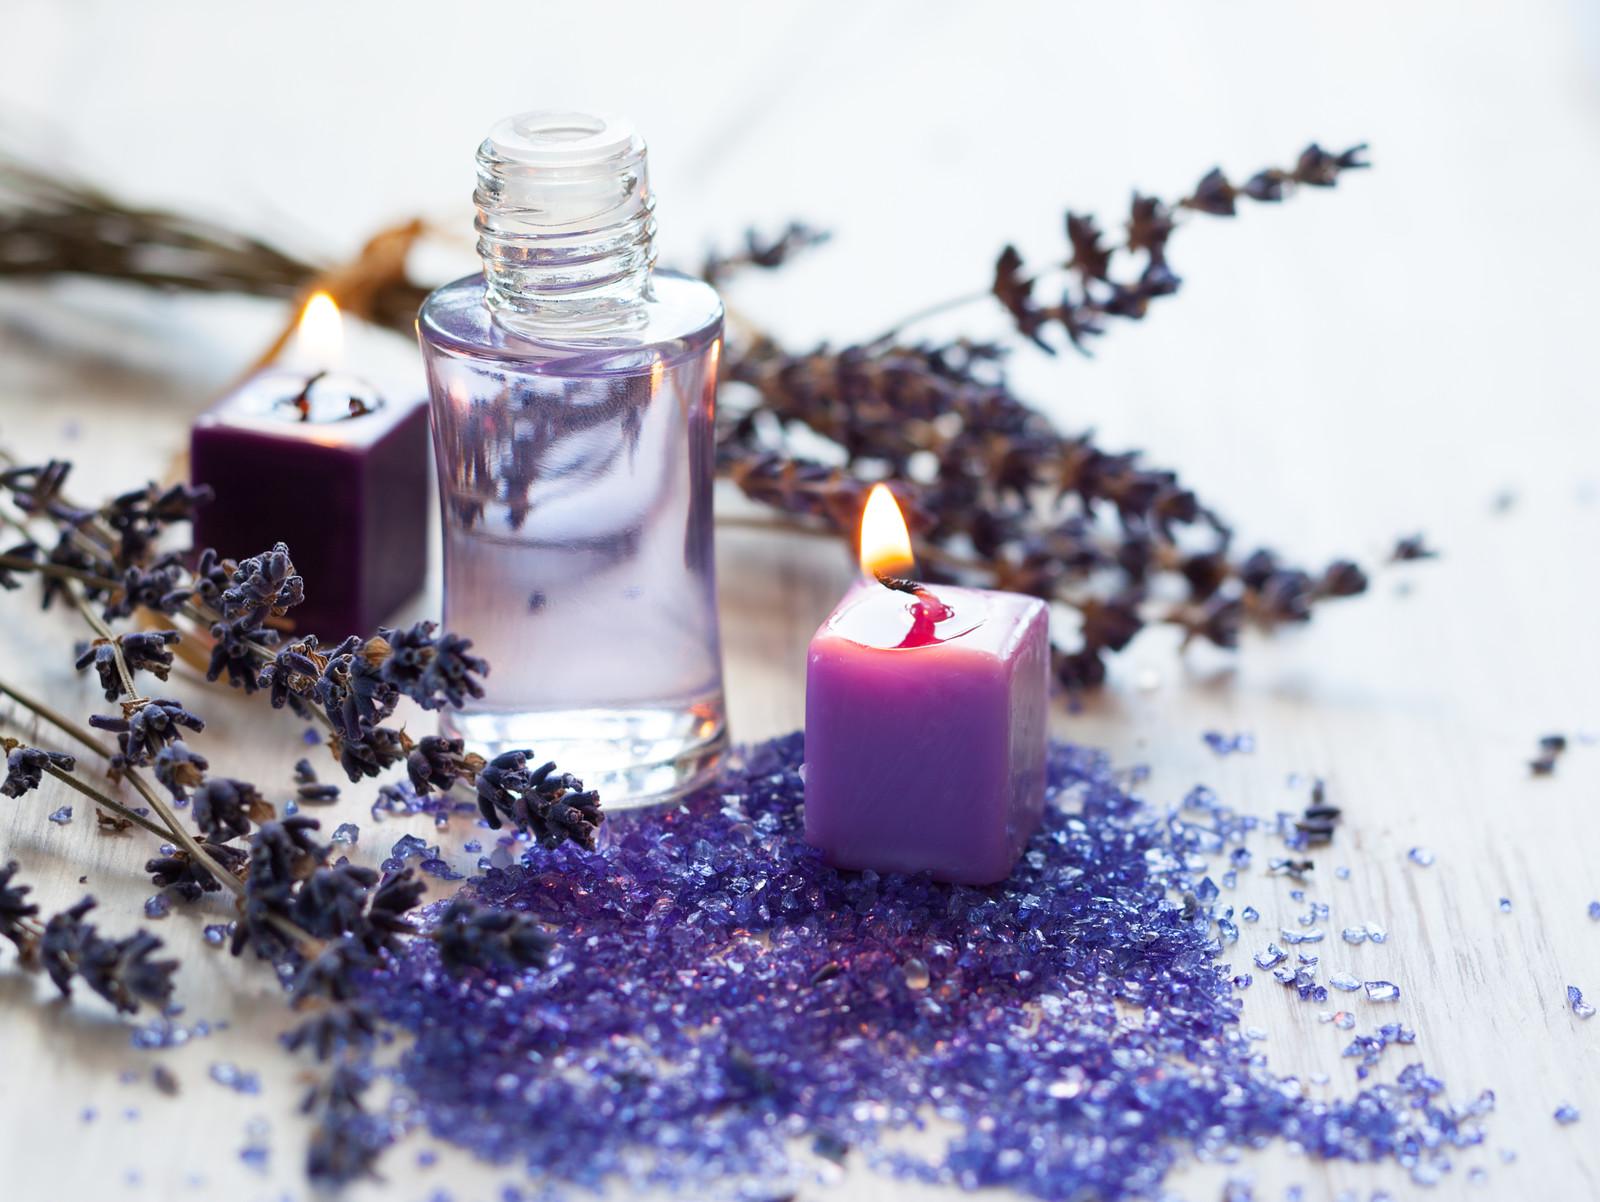 Lavender and Lemon Verbena Foot Soak